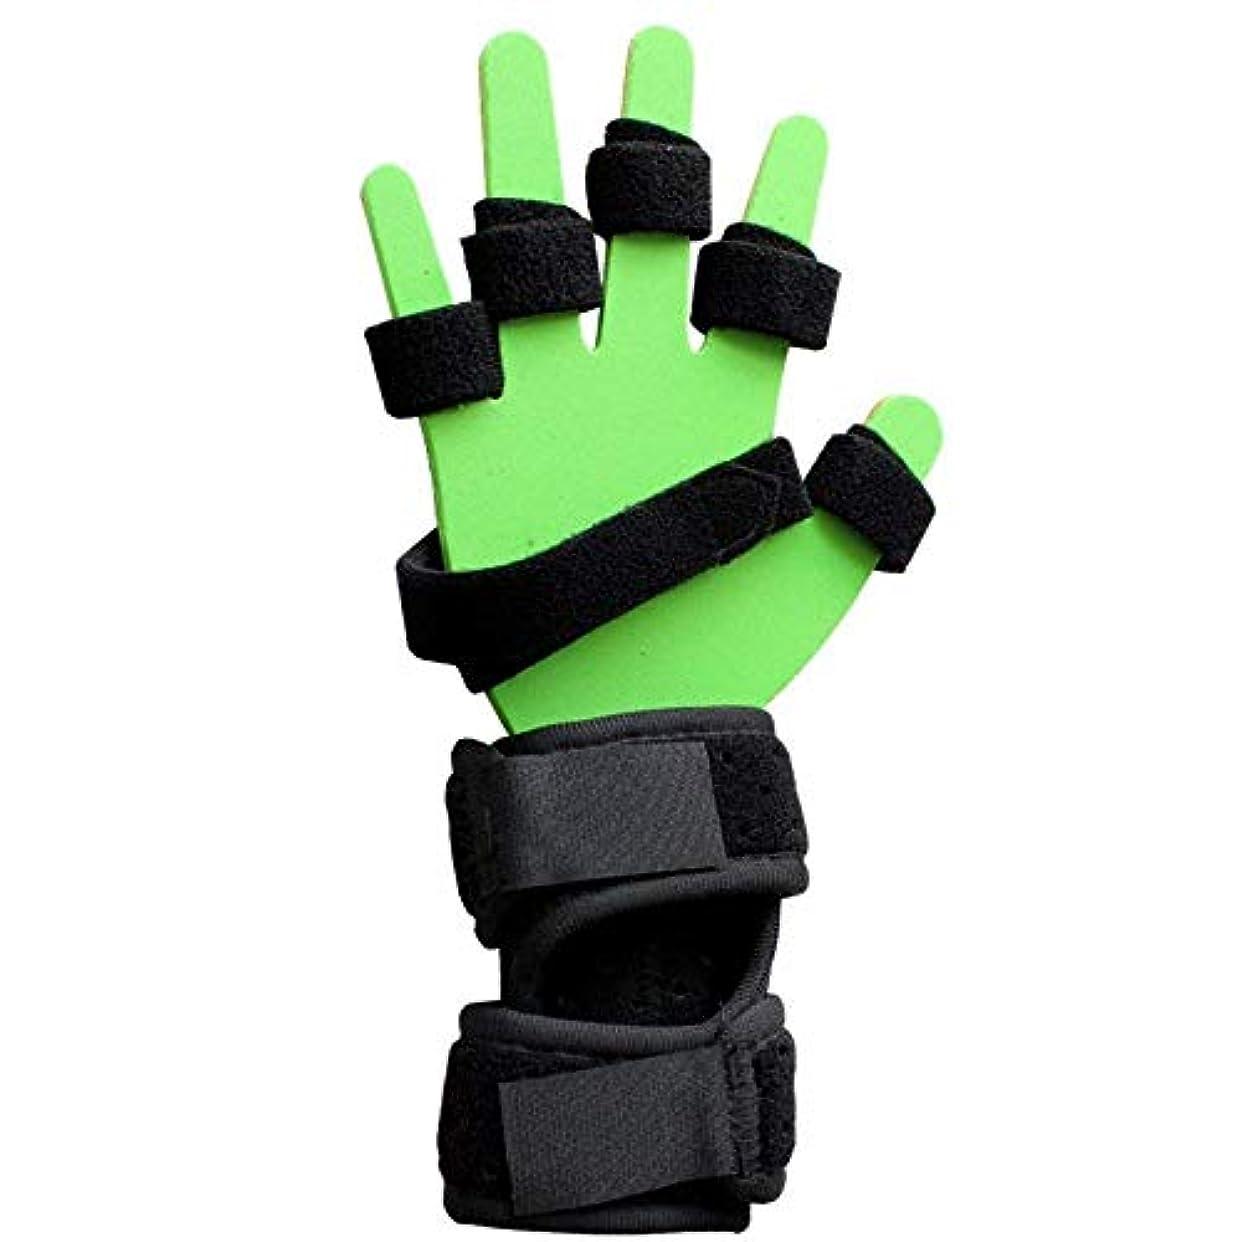 昇る人差し指地質学指損傷サポート、指板トレーニング指固定プレート、片麻痺用指装具プラスチックアルミニウムプレート,RightHand-M